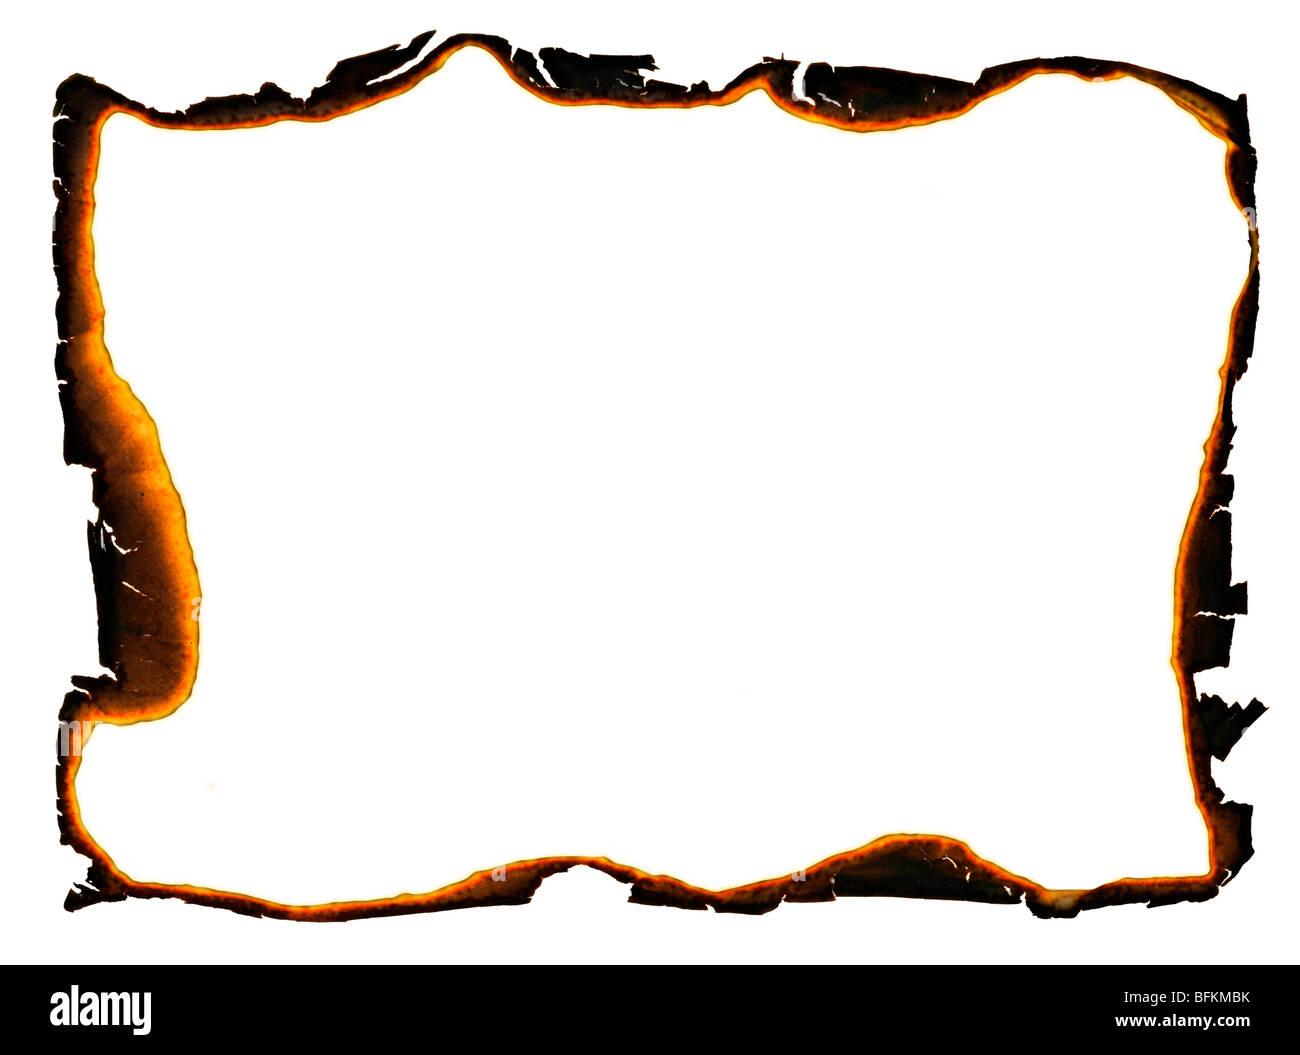 Grunge-Rahmen mit verkohlten und unregelmäßige Kanten Stockbild